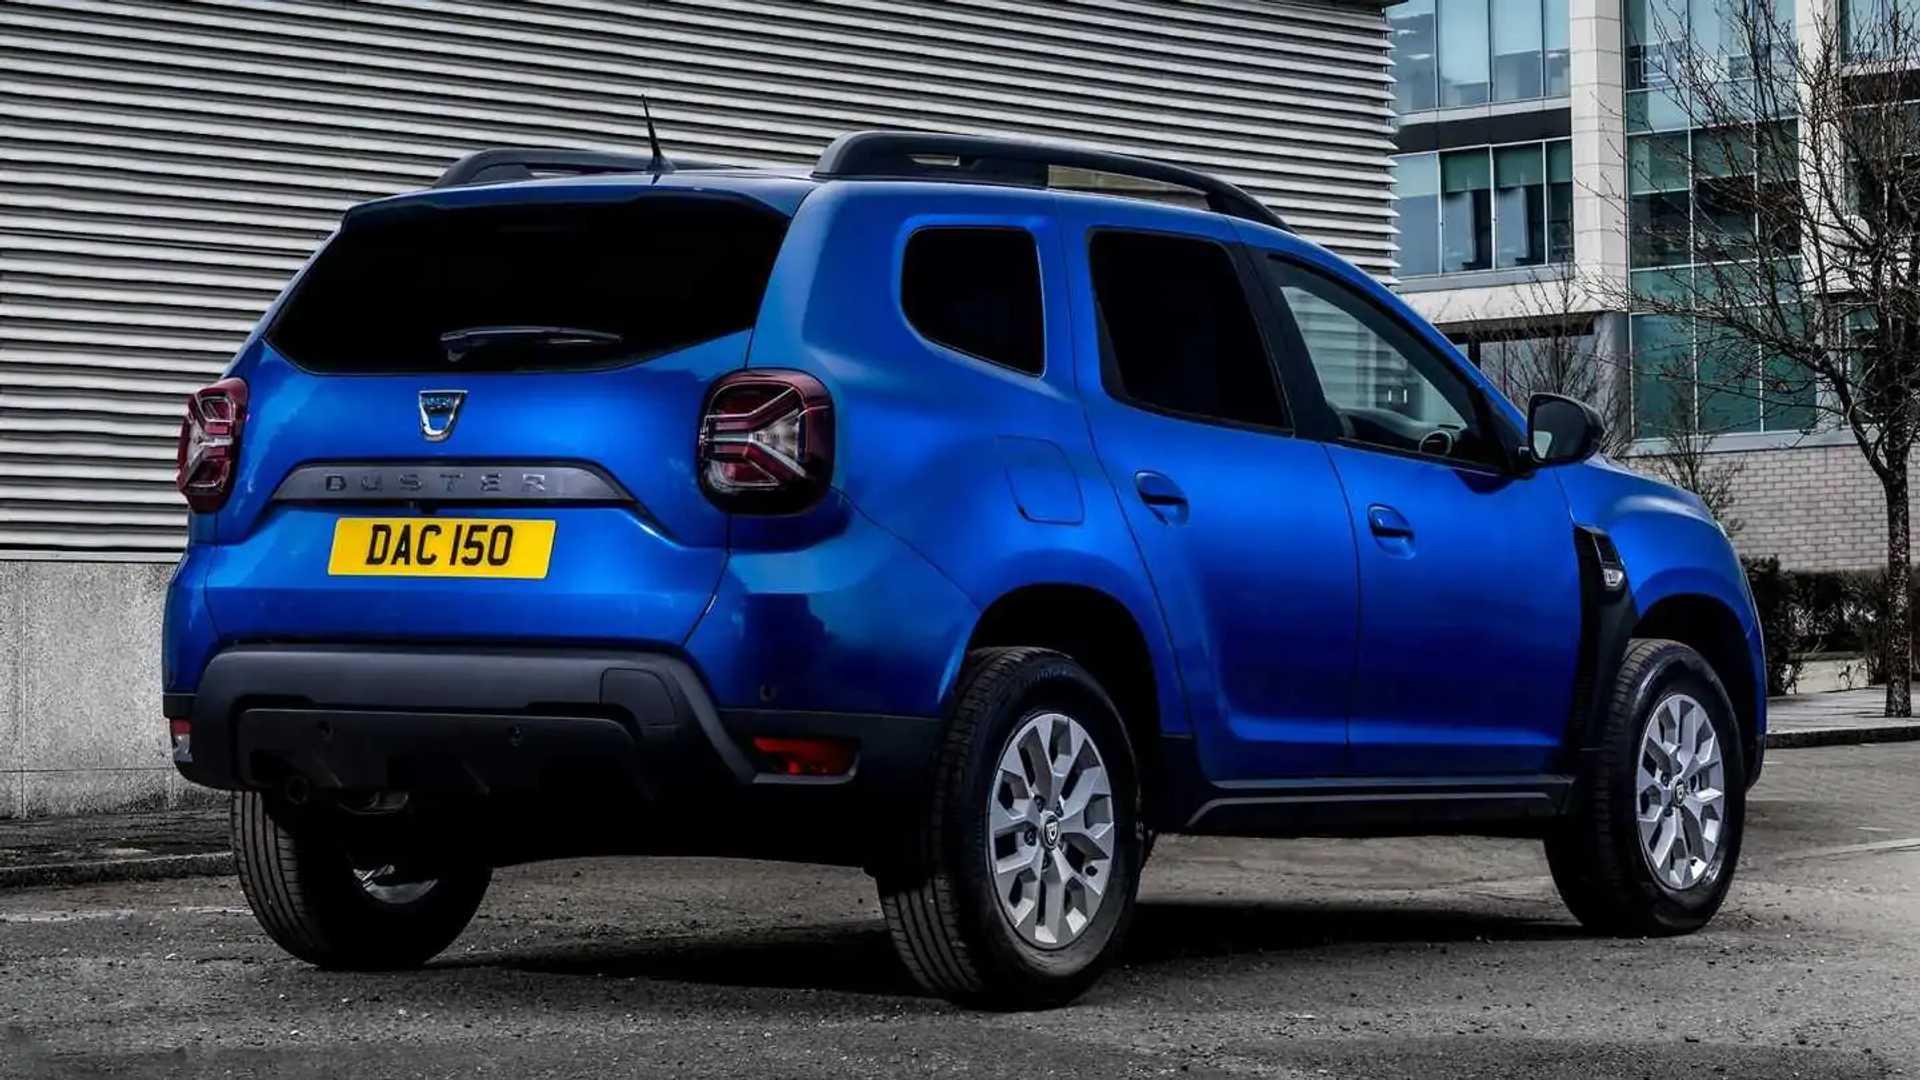 2021 Dacia Duster opera una furgoneta comercial en el Reino Unido 2